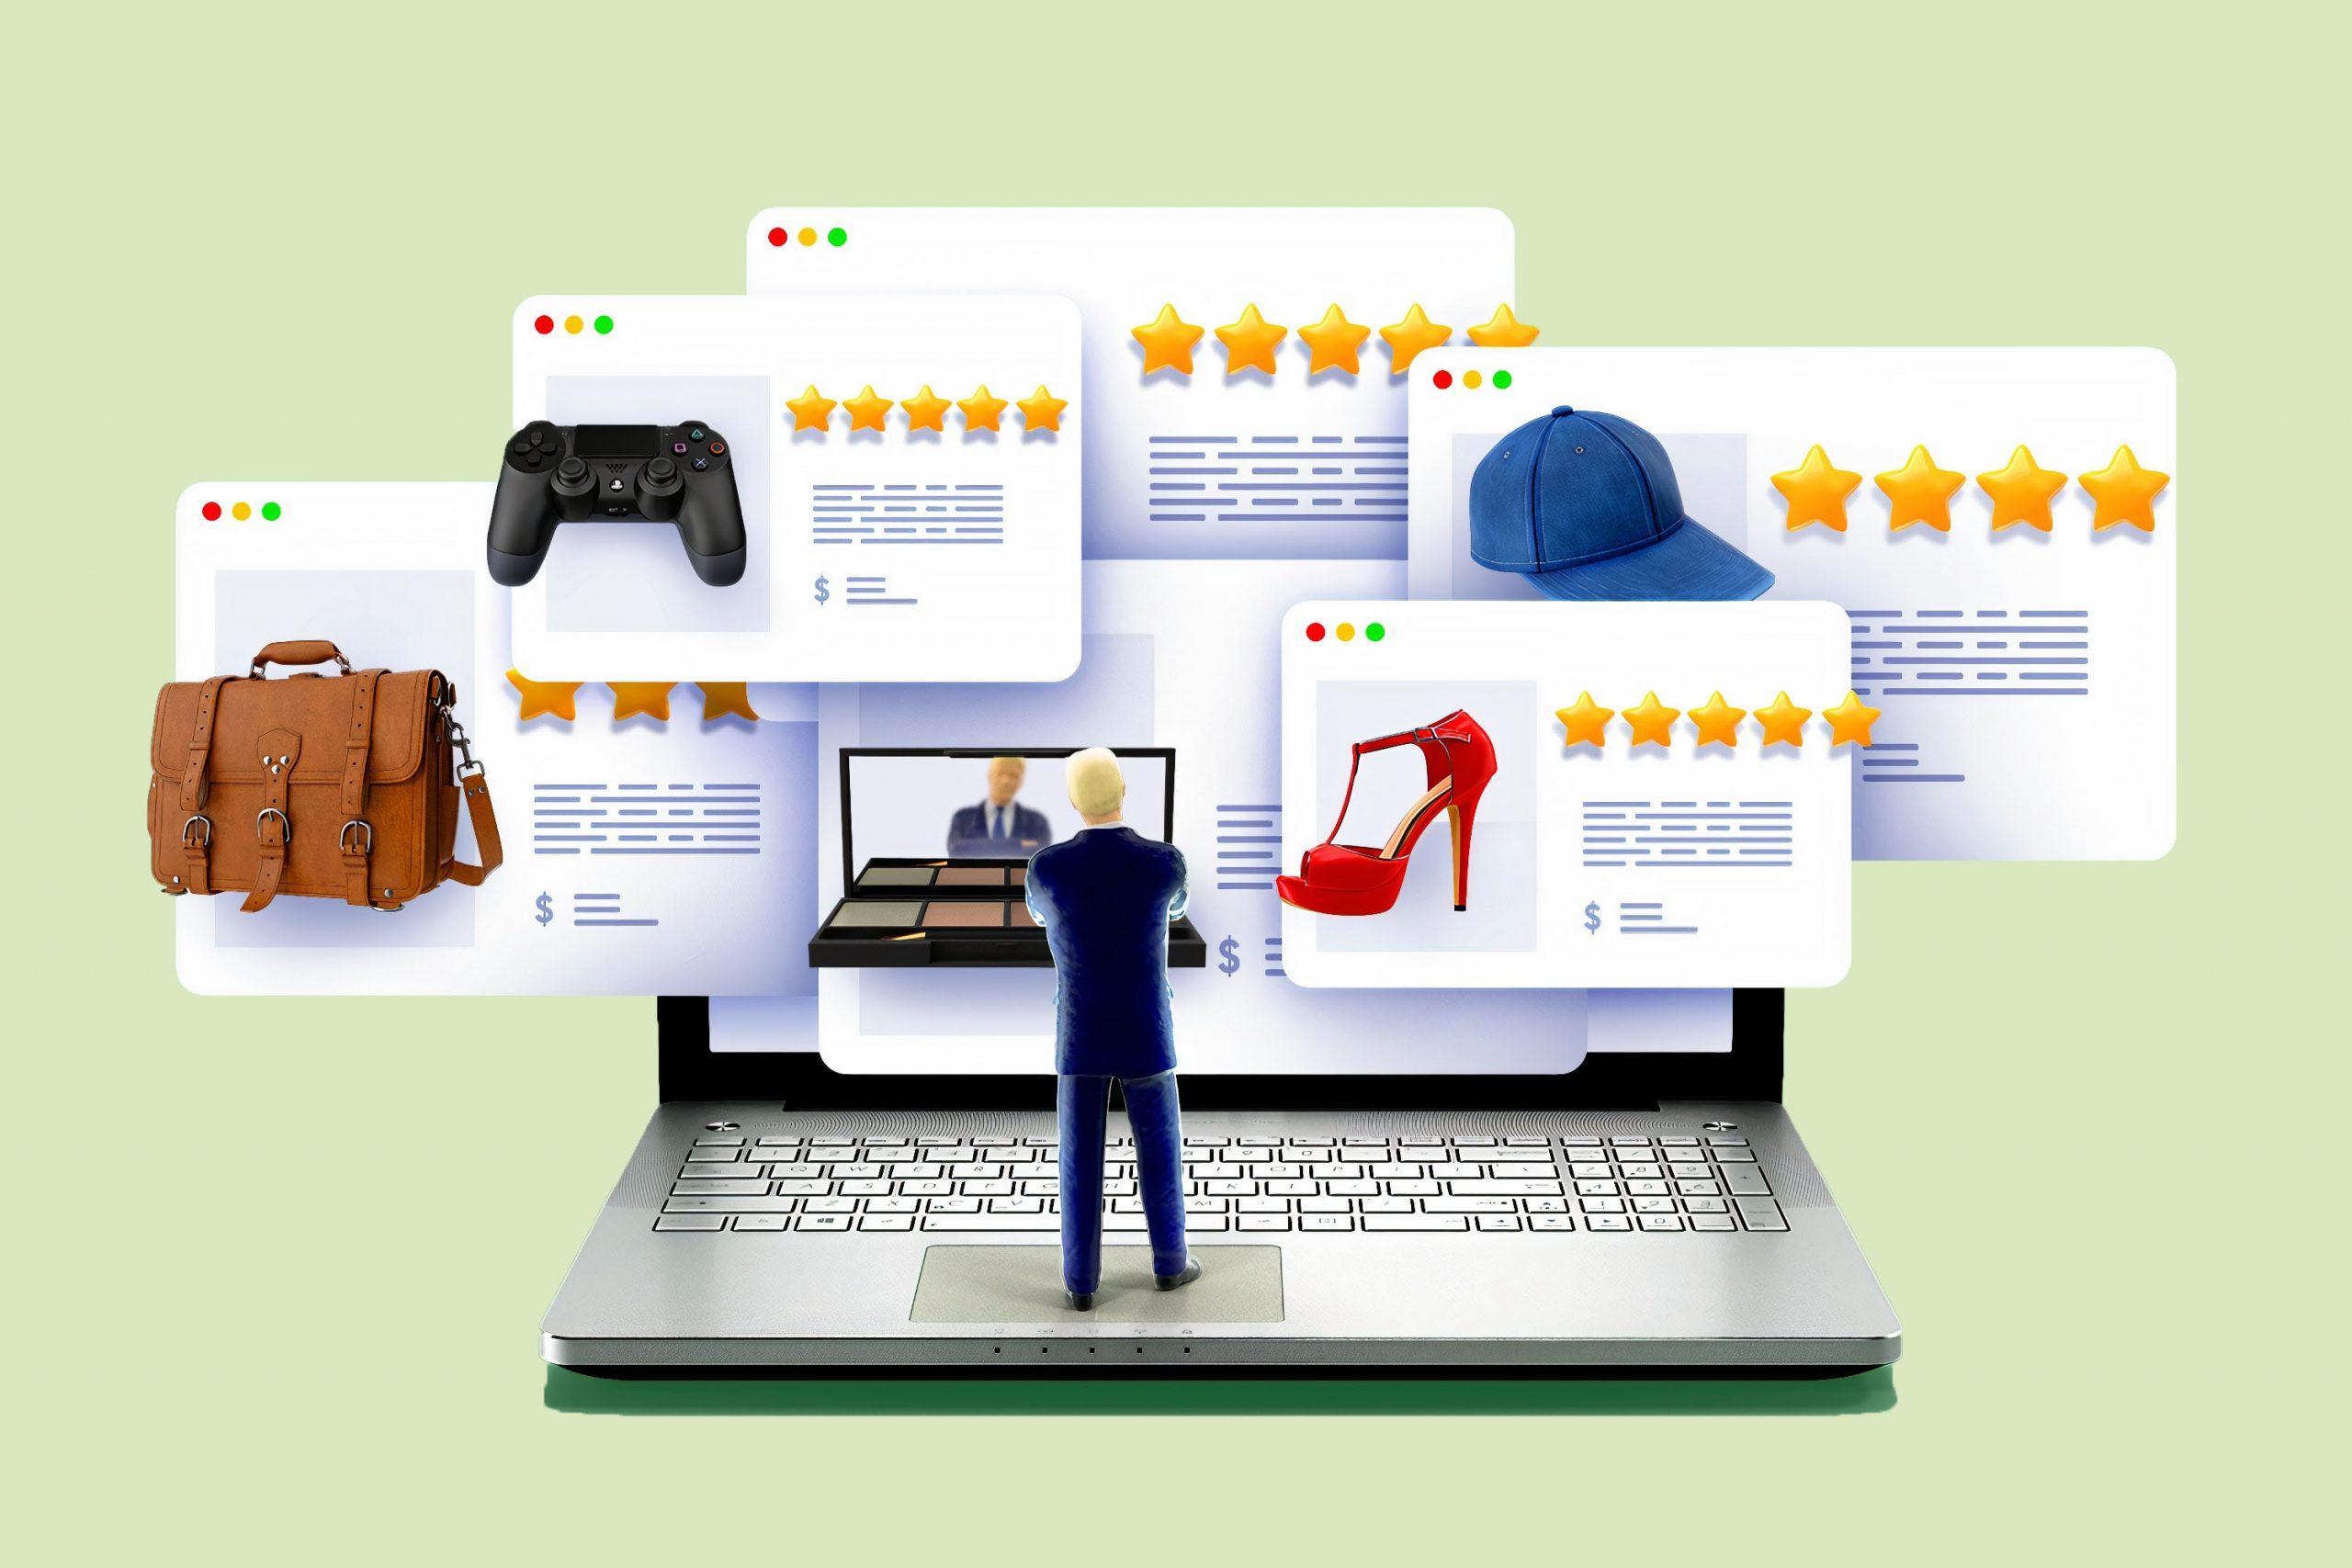 3 porady jak pozyskać oceny od użytkowników i zwiększyć poczucie zaufania klientów wobec twojego sklepu